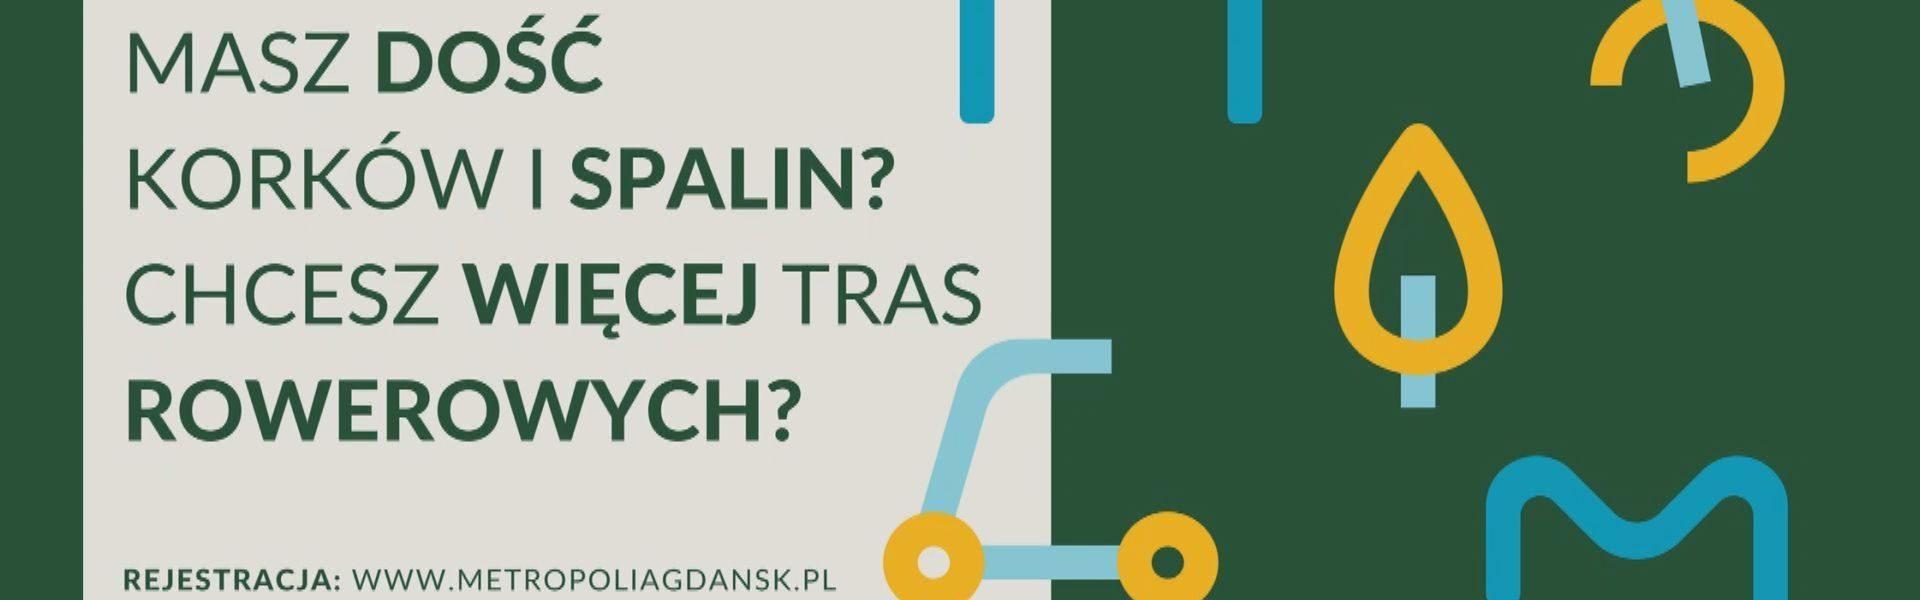 Weź udział w dyskusji o transporcie